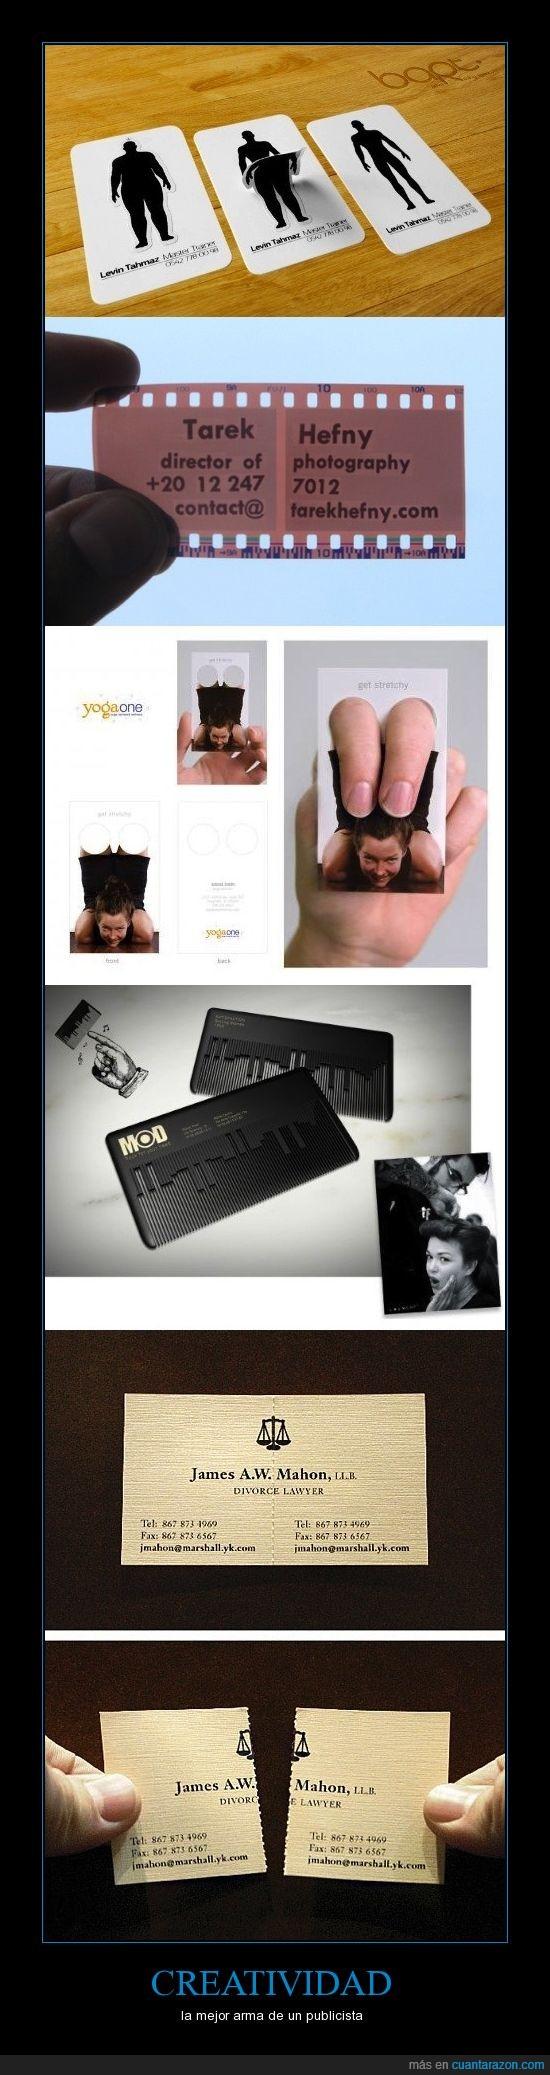 abogado,creatividad,entrenador,fotógrafo,publicidad,tarjetas de visita,yoga